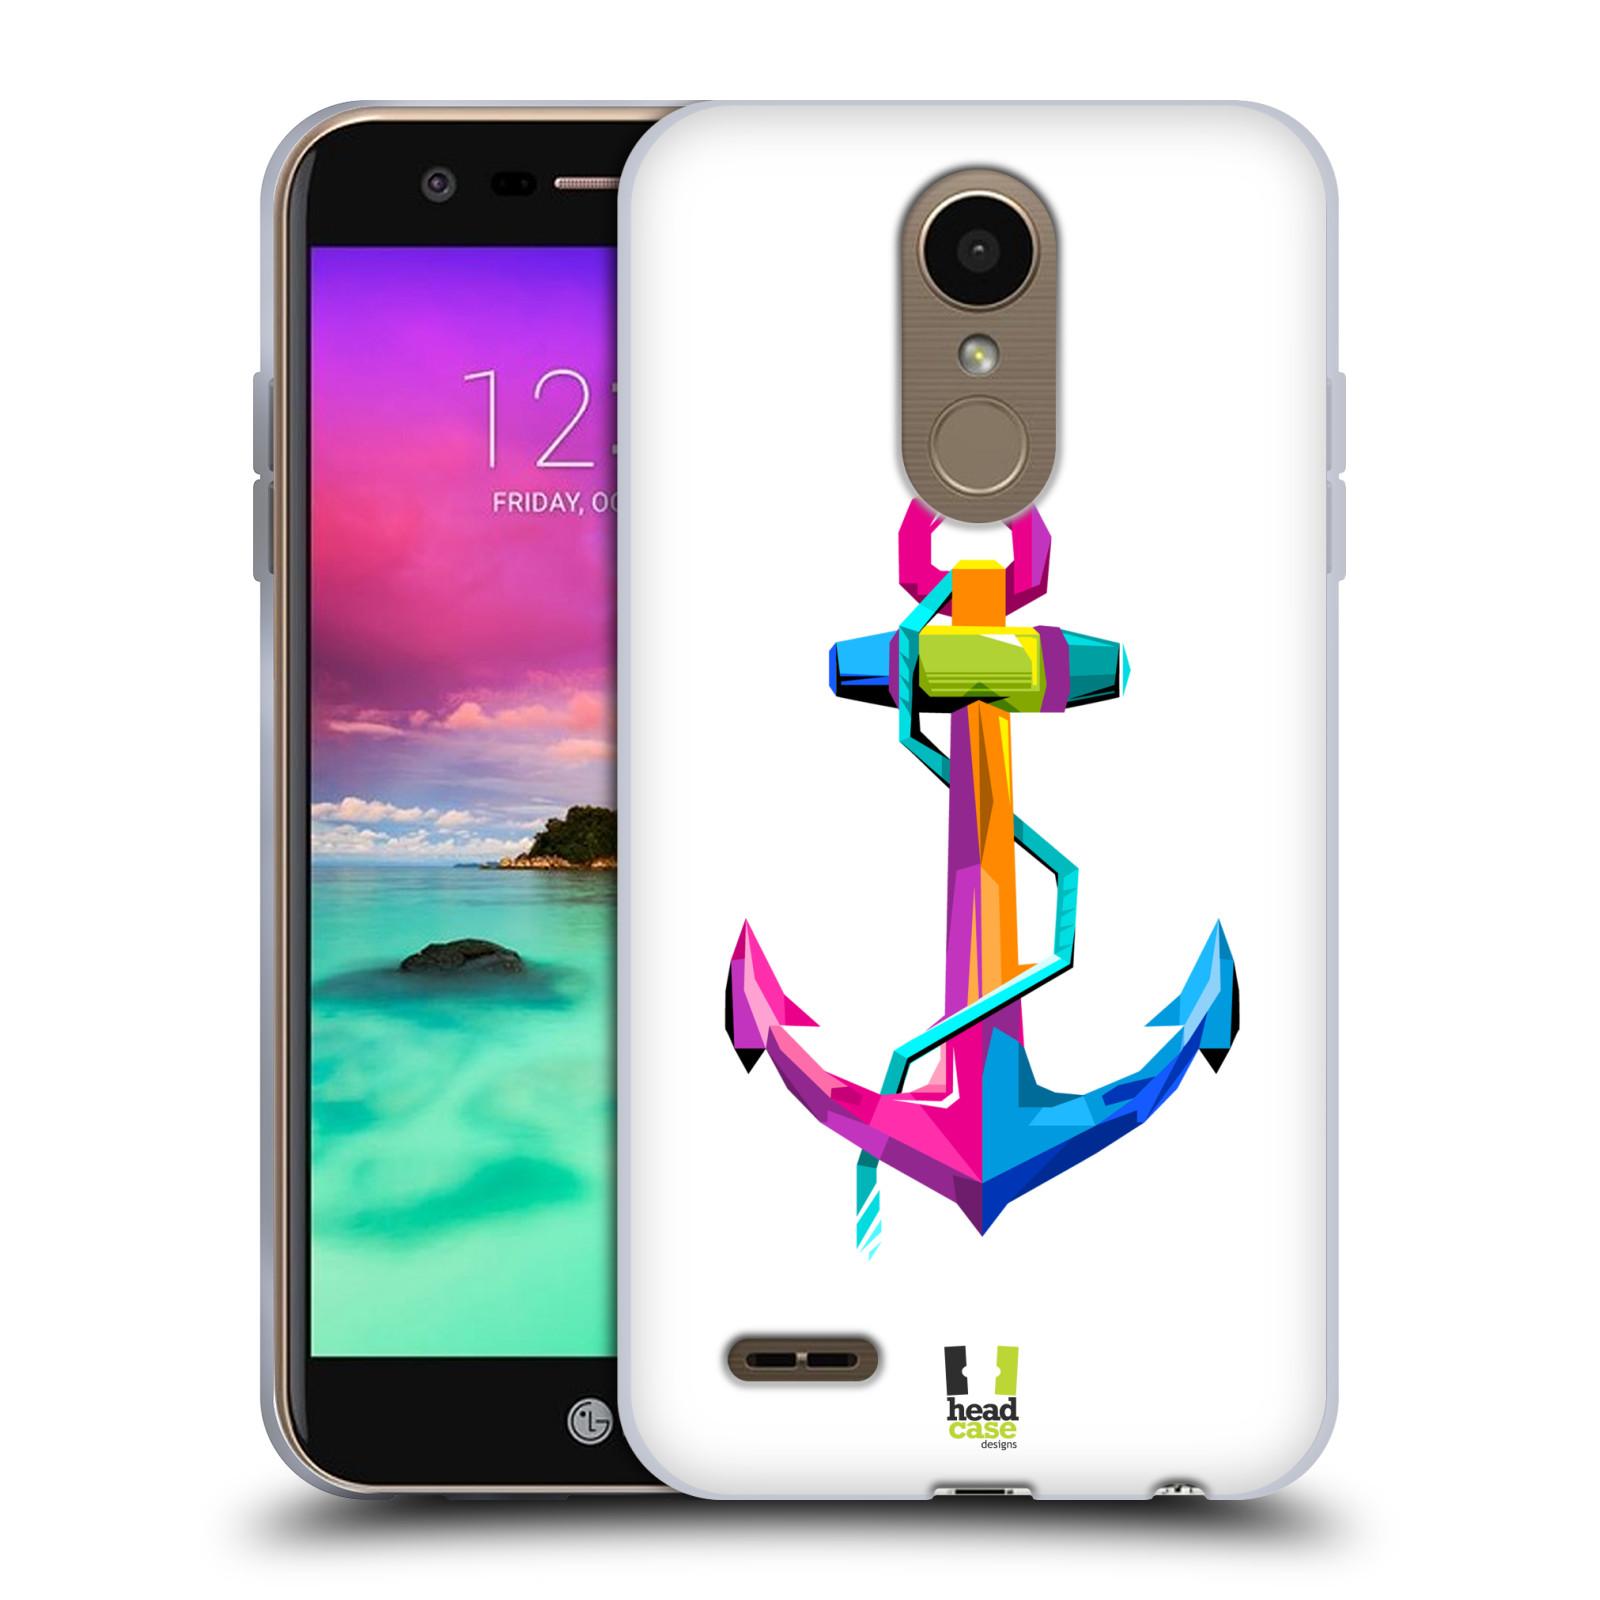 HEAD CASE silikonový obal na mobil LG K11 / K10 2018 vzor POP ART kubismus kotva naděje